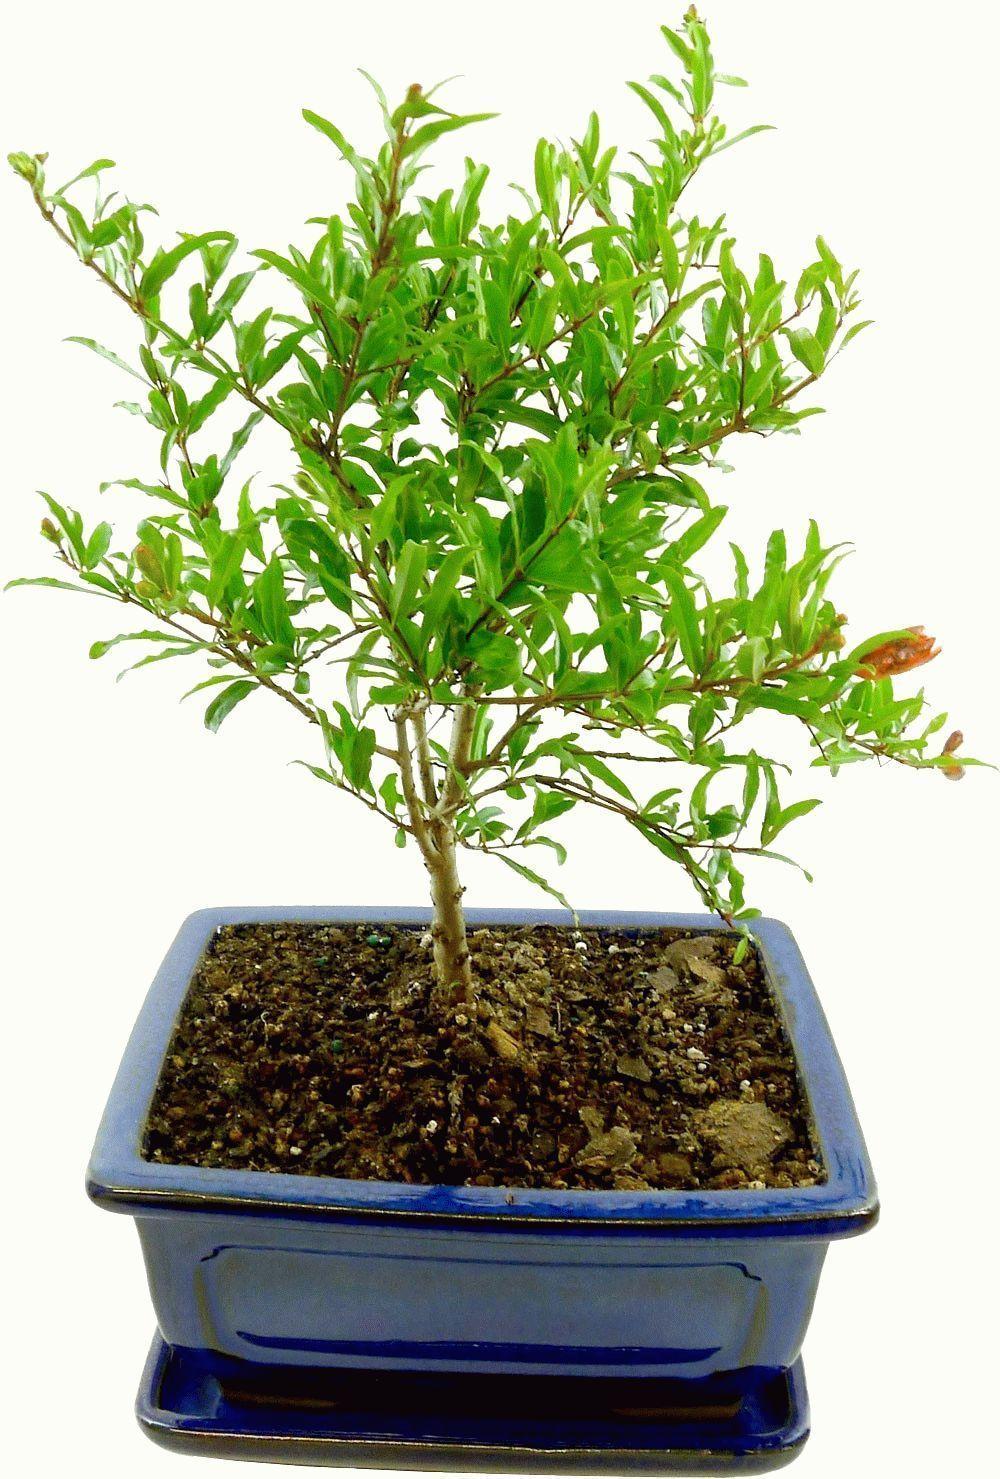 Как вырастить гранат из косточки в домашних условиях чтобы были плоды: выбор и подготовка посадочного материала, уход за экзотическим деревцем